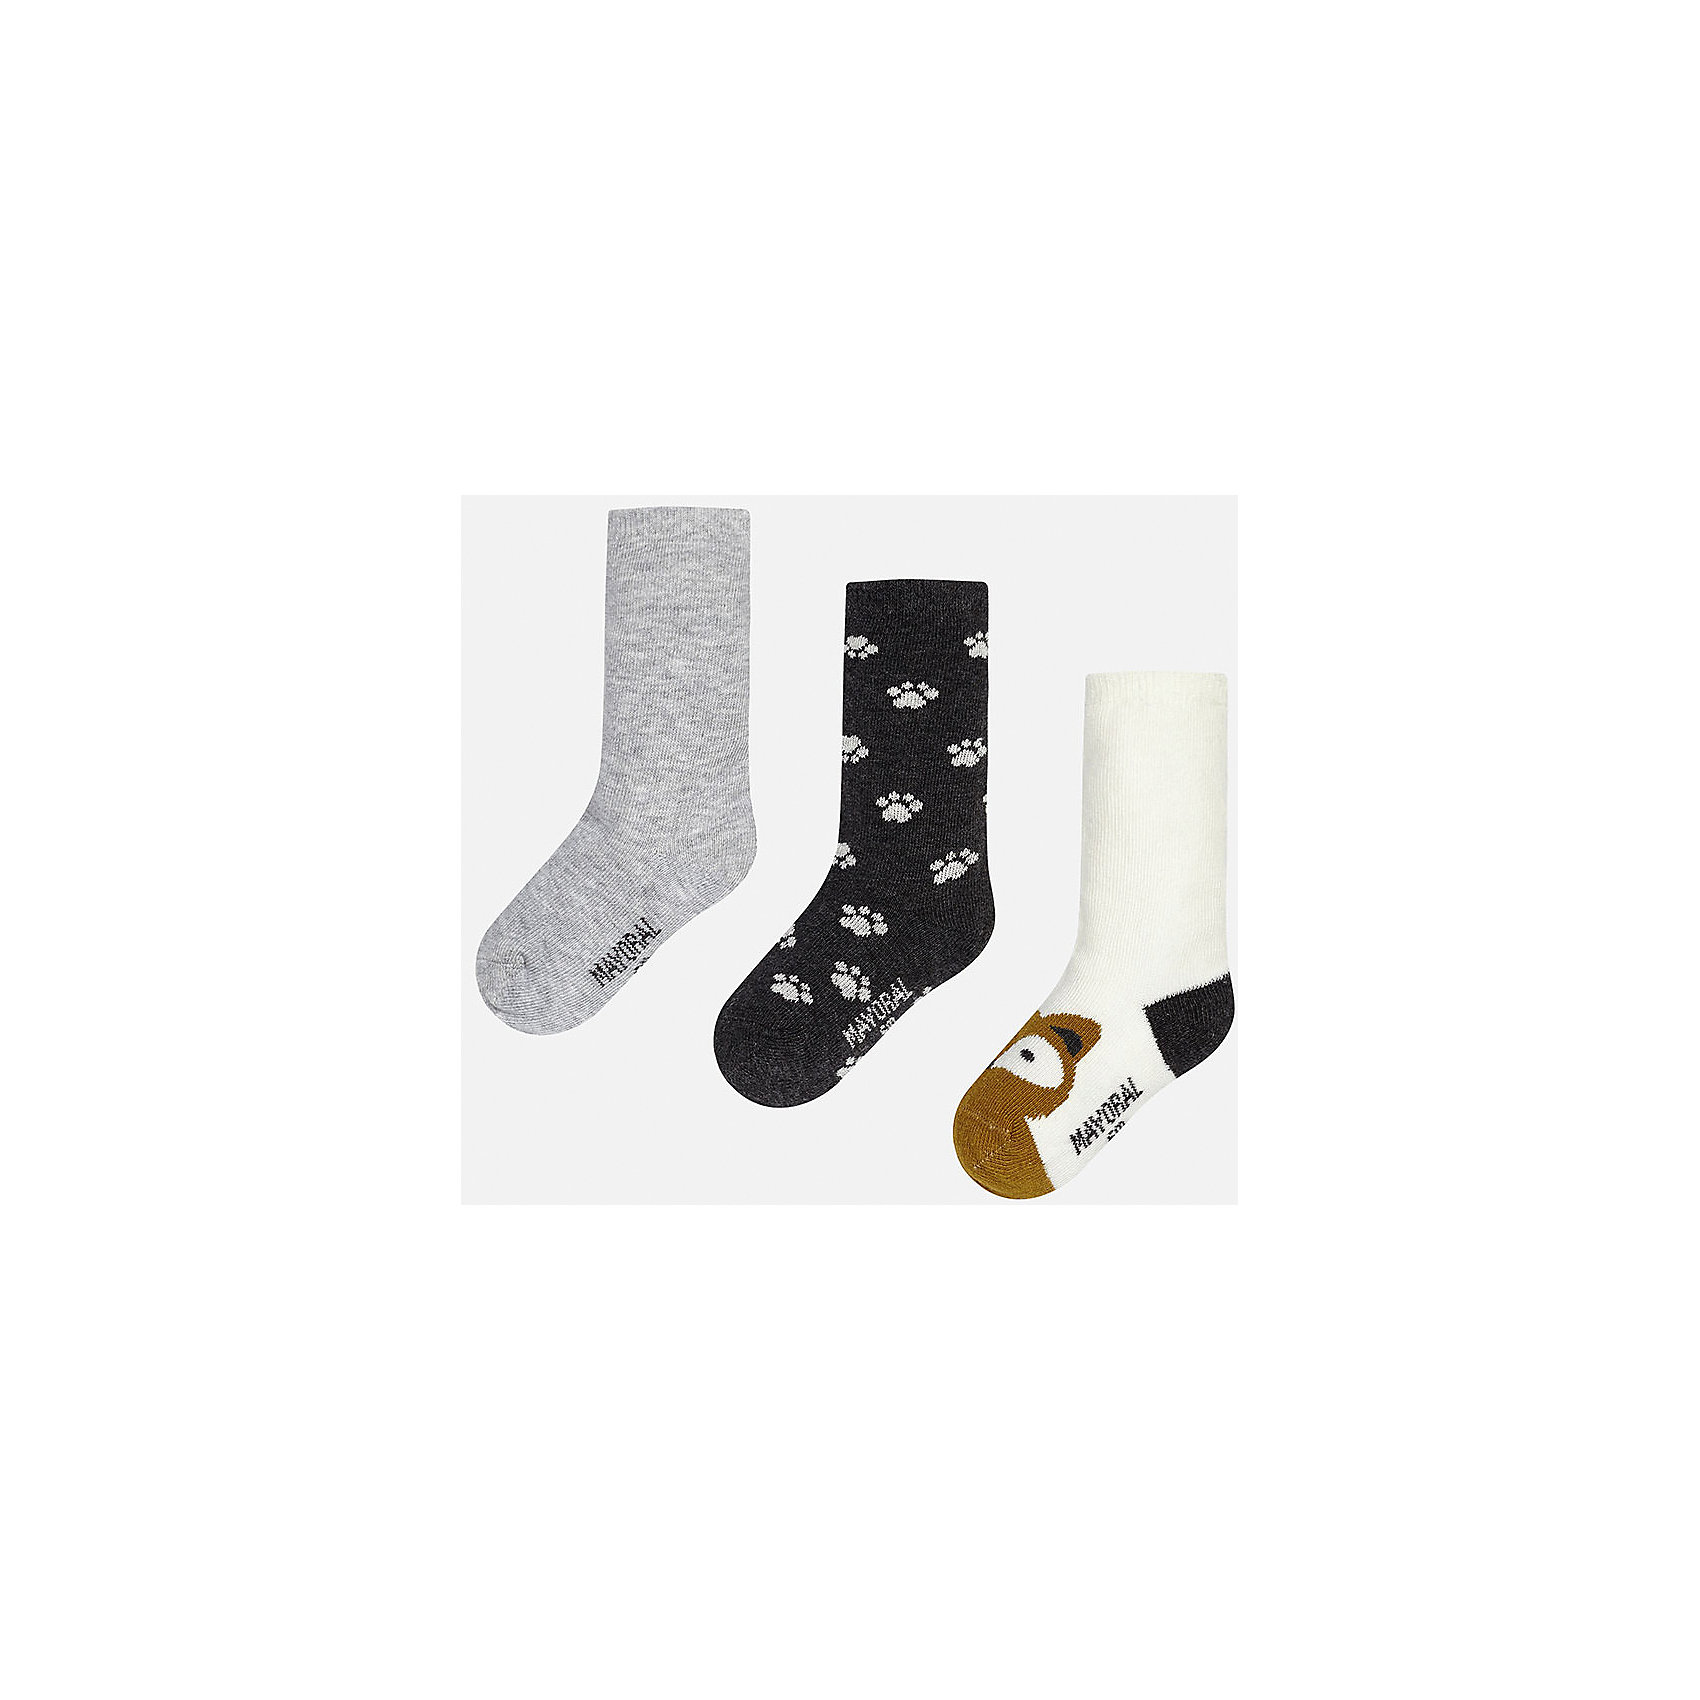 Носки для мальчика, 3 парыНабор из 3 пар носков для мальчиков от известного испанского бренда Mayoral. В комплекте носки разной расцветки: классический серый, черный с рисунком белые лапки, белый с черной пяткой и коричневым носком с рисунком в виде зверюшки. Носки сделаны из специальных дышащих материалов, чтобы ноги ребенка не потели.<br>Дополнительная информация:<br>-разная расцветка<br>-состав: 72% хлопок, 25% полиамид, 3% эластан<br>Комплект носков Mayoral можно приобрести в нашем интернет-магазине.<br><br>Ширина мм: 87<br>Глубина мм: 10<br>Высота мм: 105<br>Вес г: 115<br>Цвет: серый<br>Возраст от месяцев: 9<br>Возраст до месяцев: 12<br>Пол: Мужской<br>Возраст: Детский<br>Размер: 1,2<br>SKU: 4820038